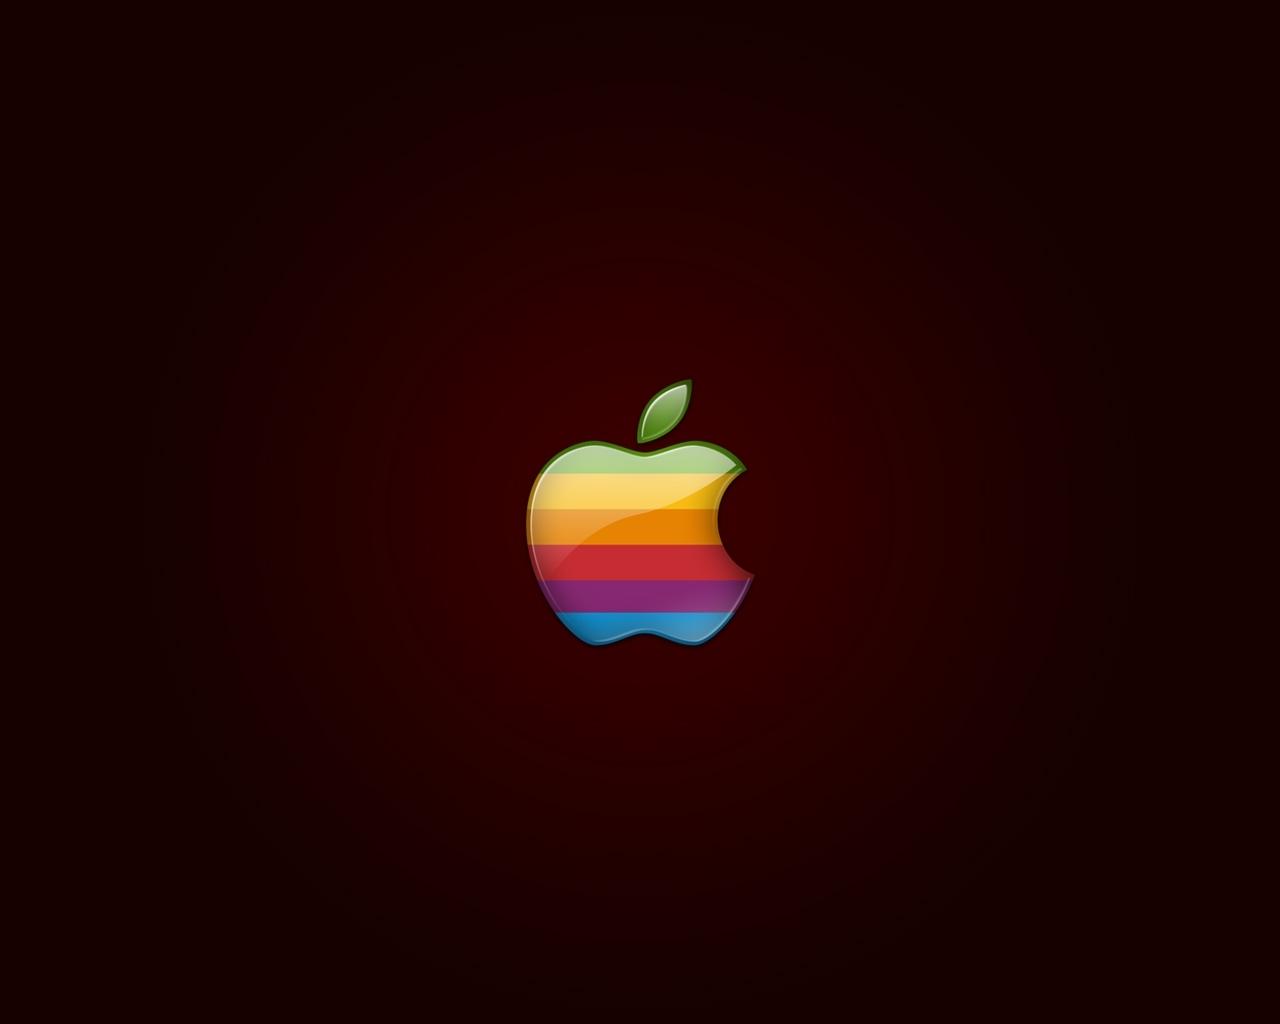 apple rainbow logo wallpaper   wallpaper wide hd